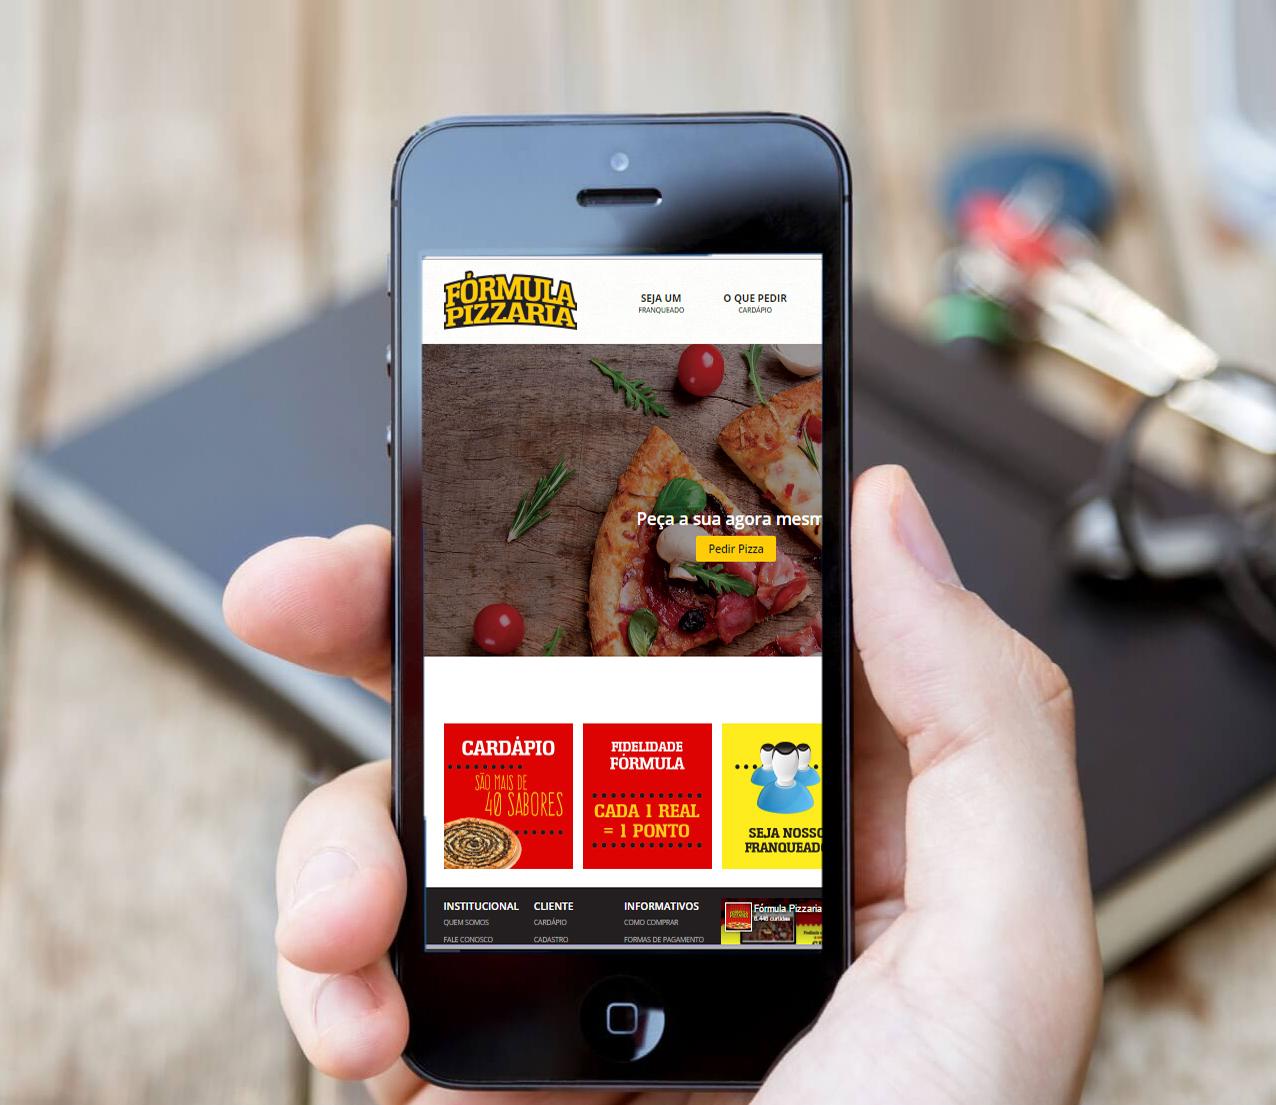 Pedido de pizzas por aplicativo atrai cada vez mais novos consumidores